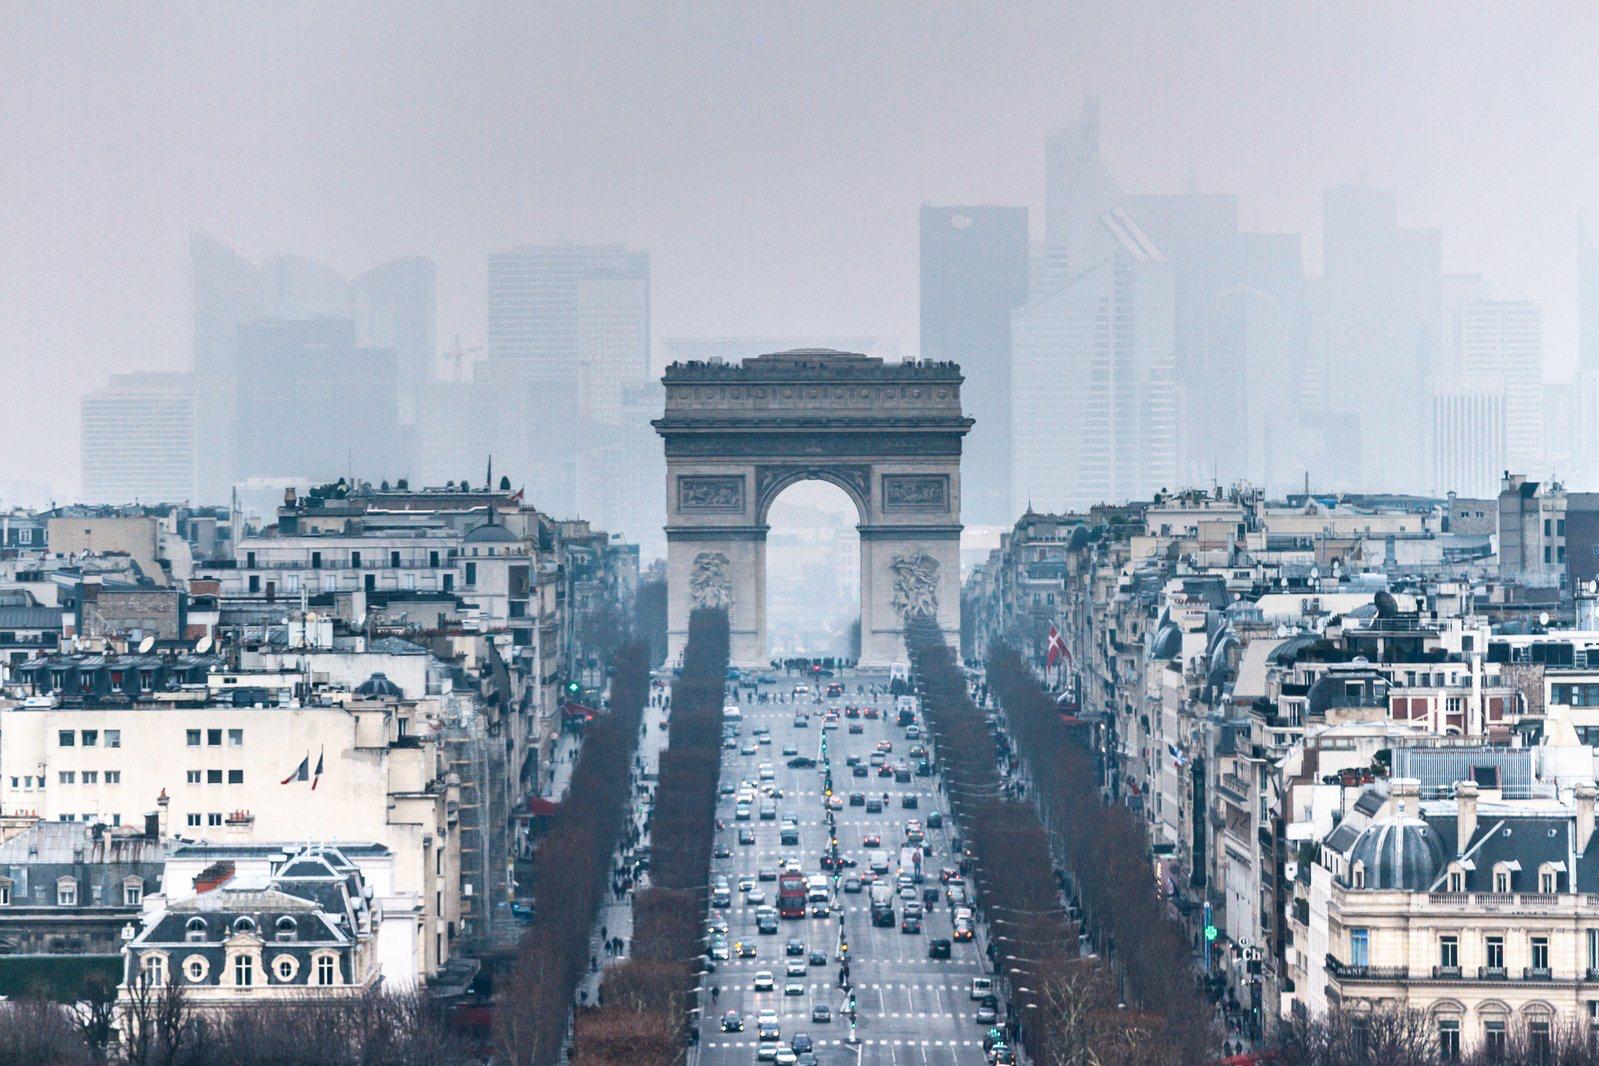 L'axe historique à Paris. Au premier plan, l'Arc de triomphe, en amont des Champs Elysées. En arrière plan, le centre d'affaire du quartier de la Défense.